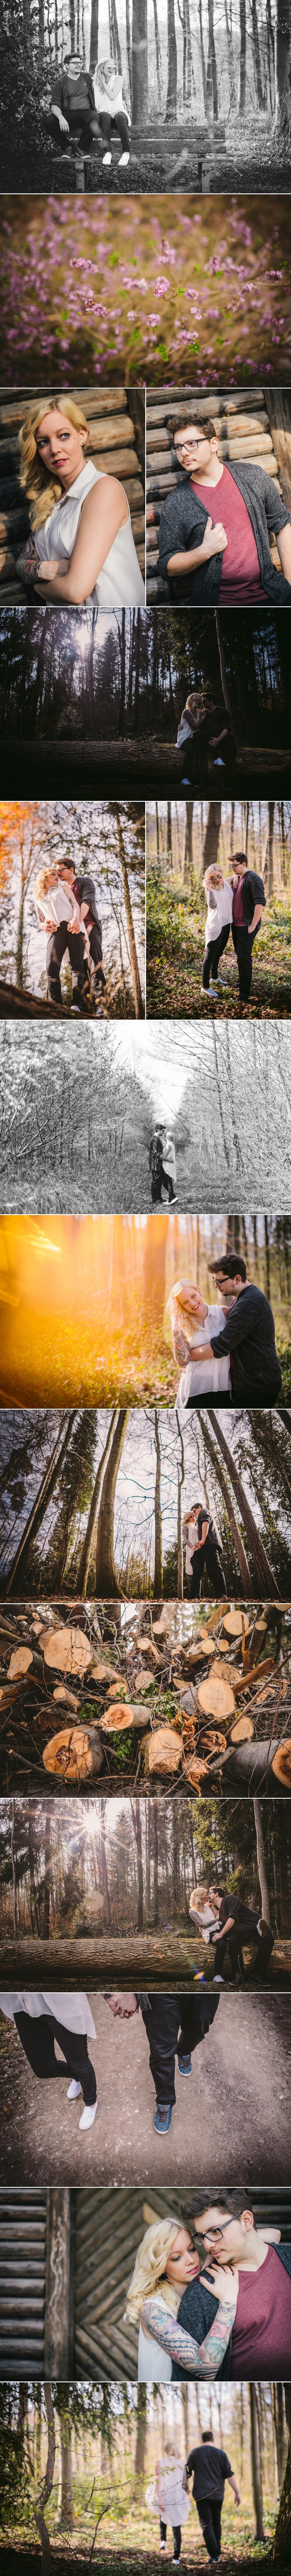 Thead photography, Hochzeitsfotograf Zürich, Hochzeitsfotos, Fotograf, Wedding photographer, Zürich Hochzeitsfotograf, Sami Harush graf, Wedding photographer, Zürich Hochzeitsfotograf, Sami Harush